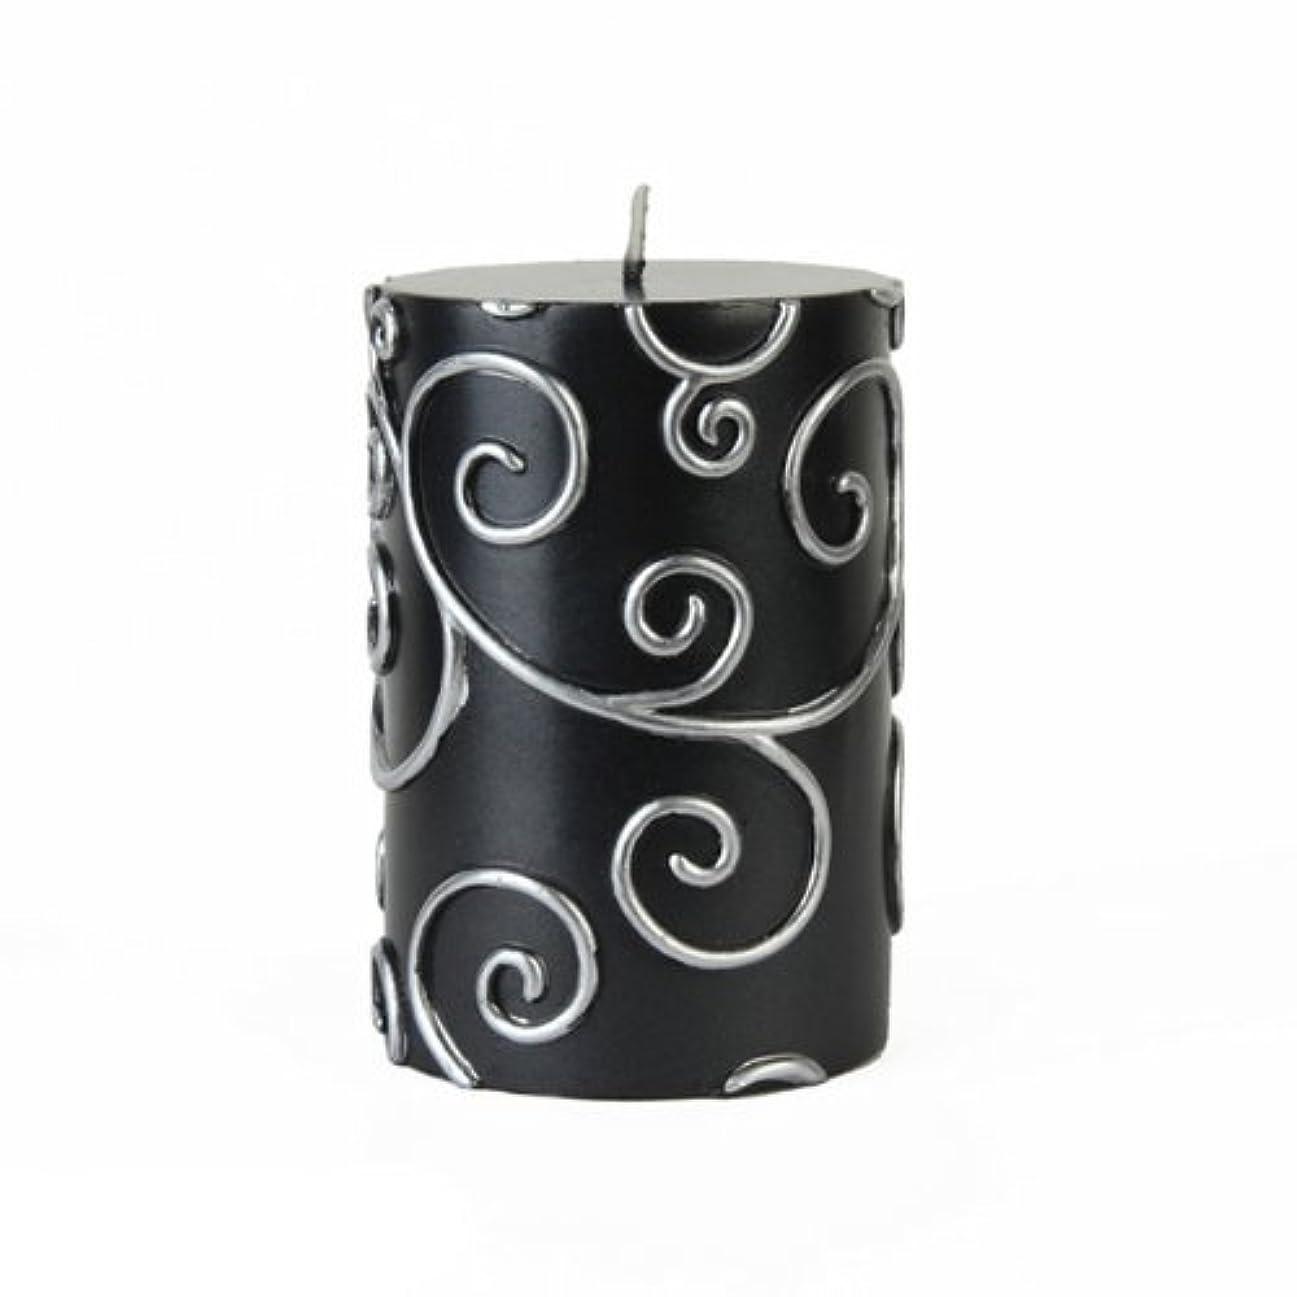 火星通り抜ける保安Zest Candle CPS-001_12 12-Piece Scroll Pillar Candle, 3' x 4', Black [並行輸入品]